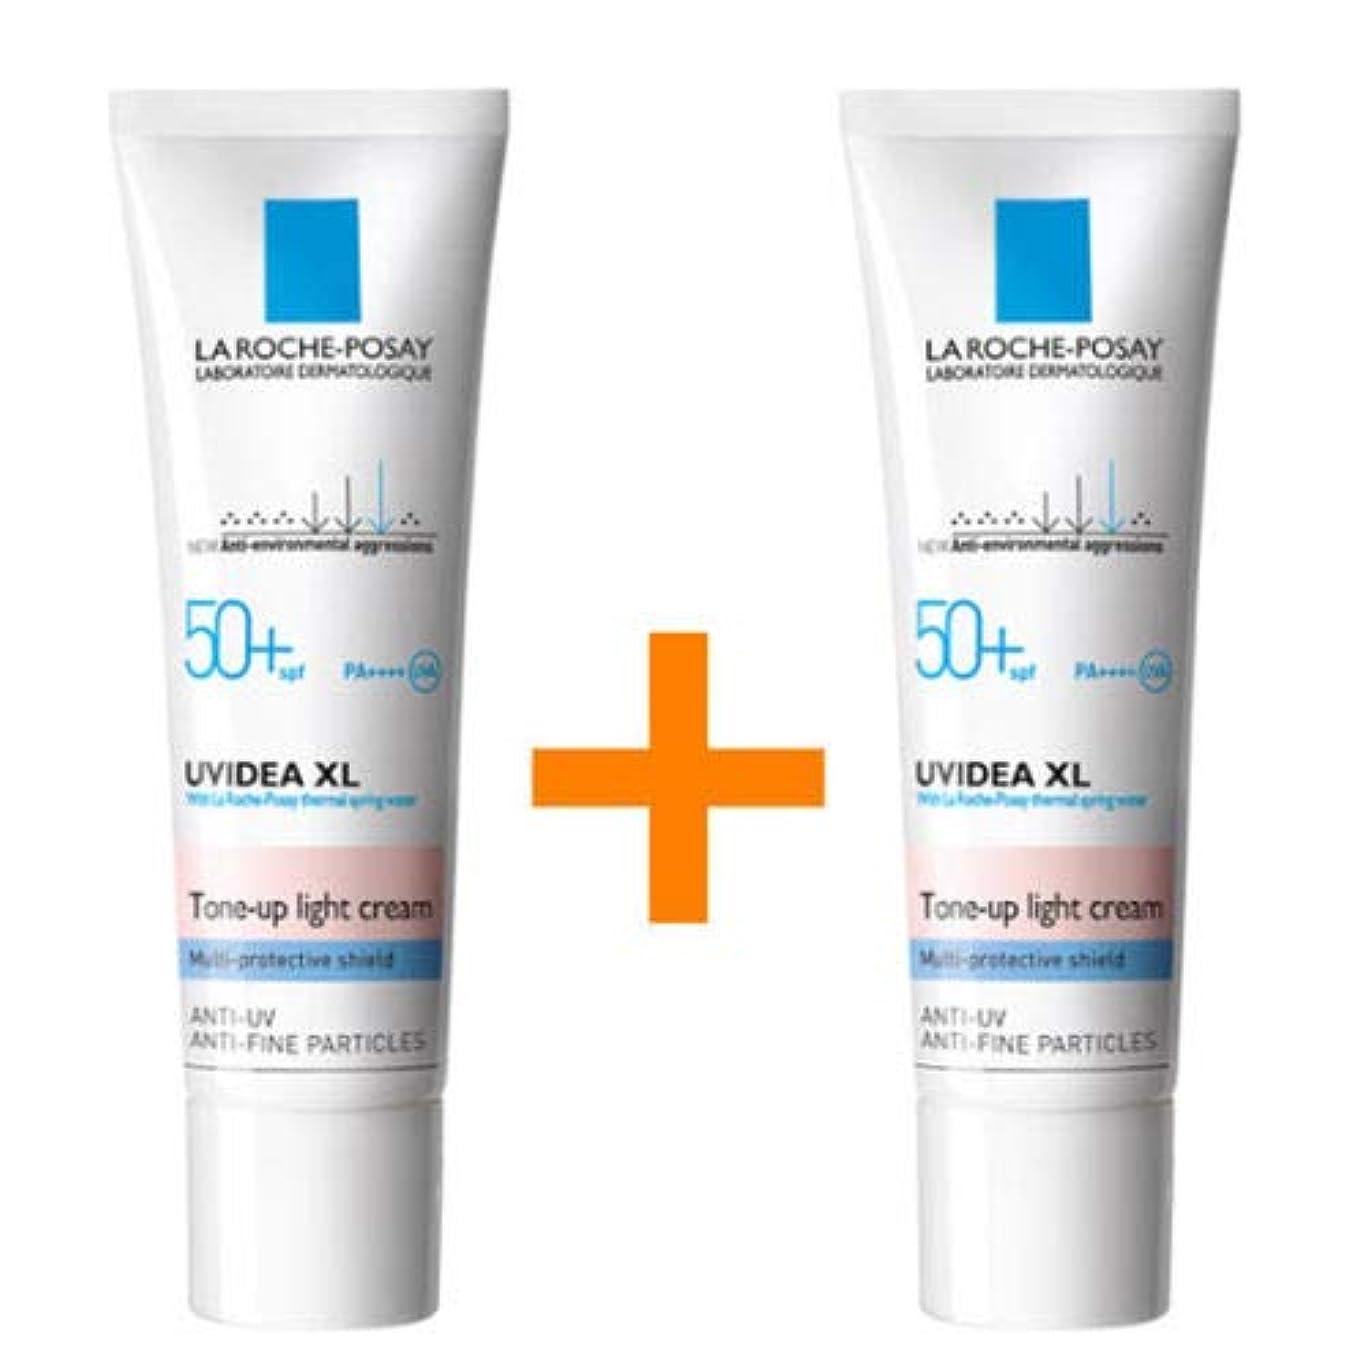 彫刻家頬骨面積[1+1] La Roche-Posay ラロッシュポゼ UVイデア XL プロテクショントーンアップ Uvidea XL Tone-up Light Cream (30ml)